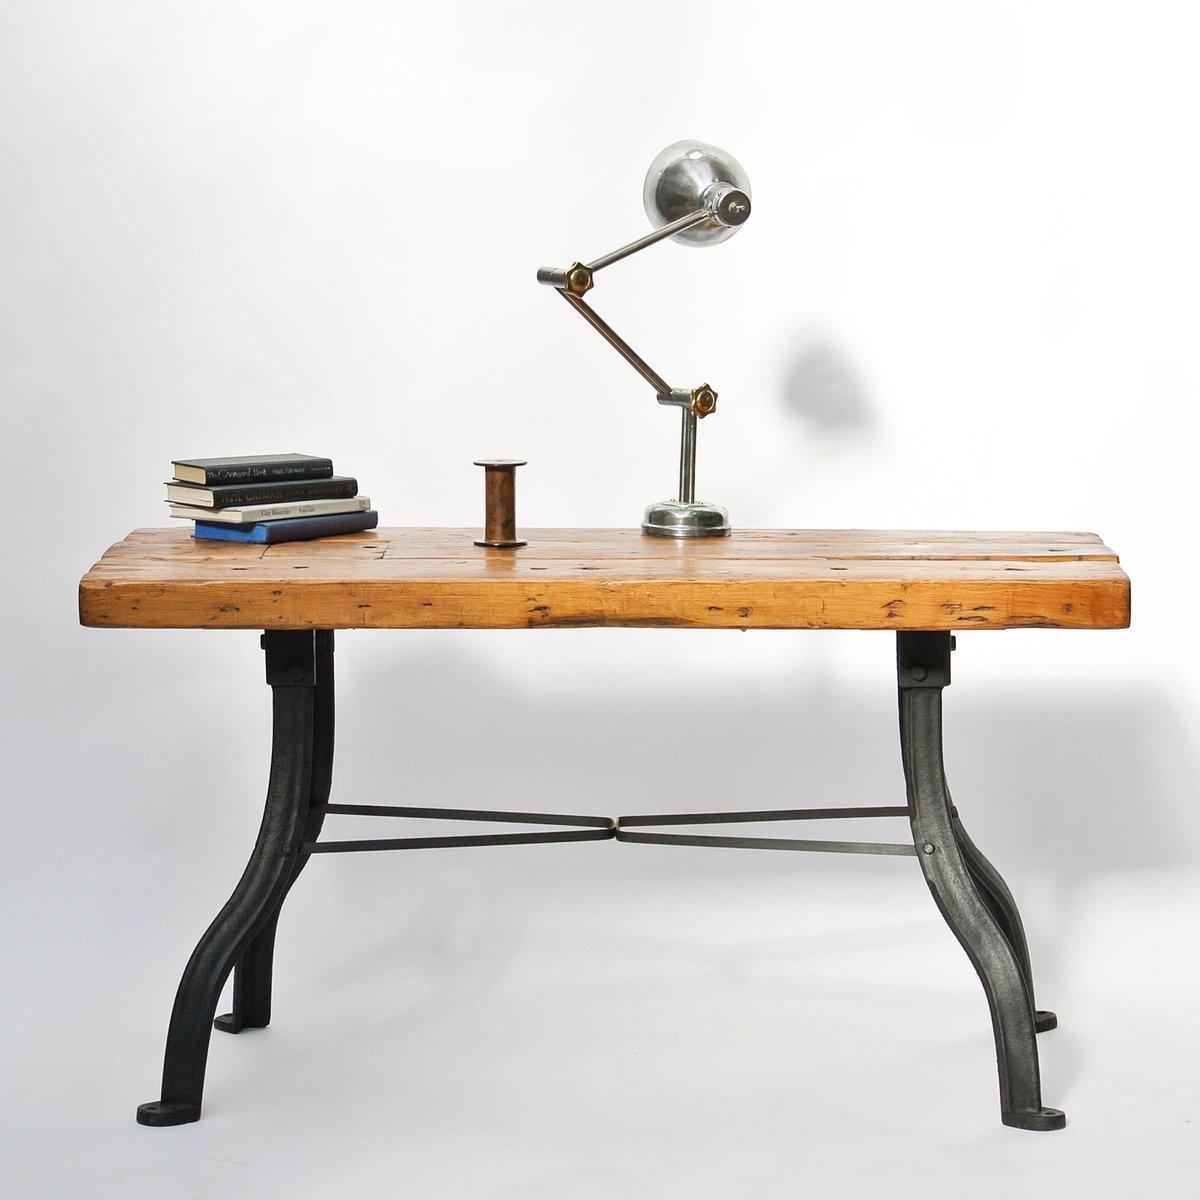 Tavolo da lavoro vintage in legno e ferro battuto in vendita su pamono - Tavolo da lavoro in legno ...